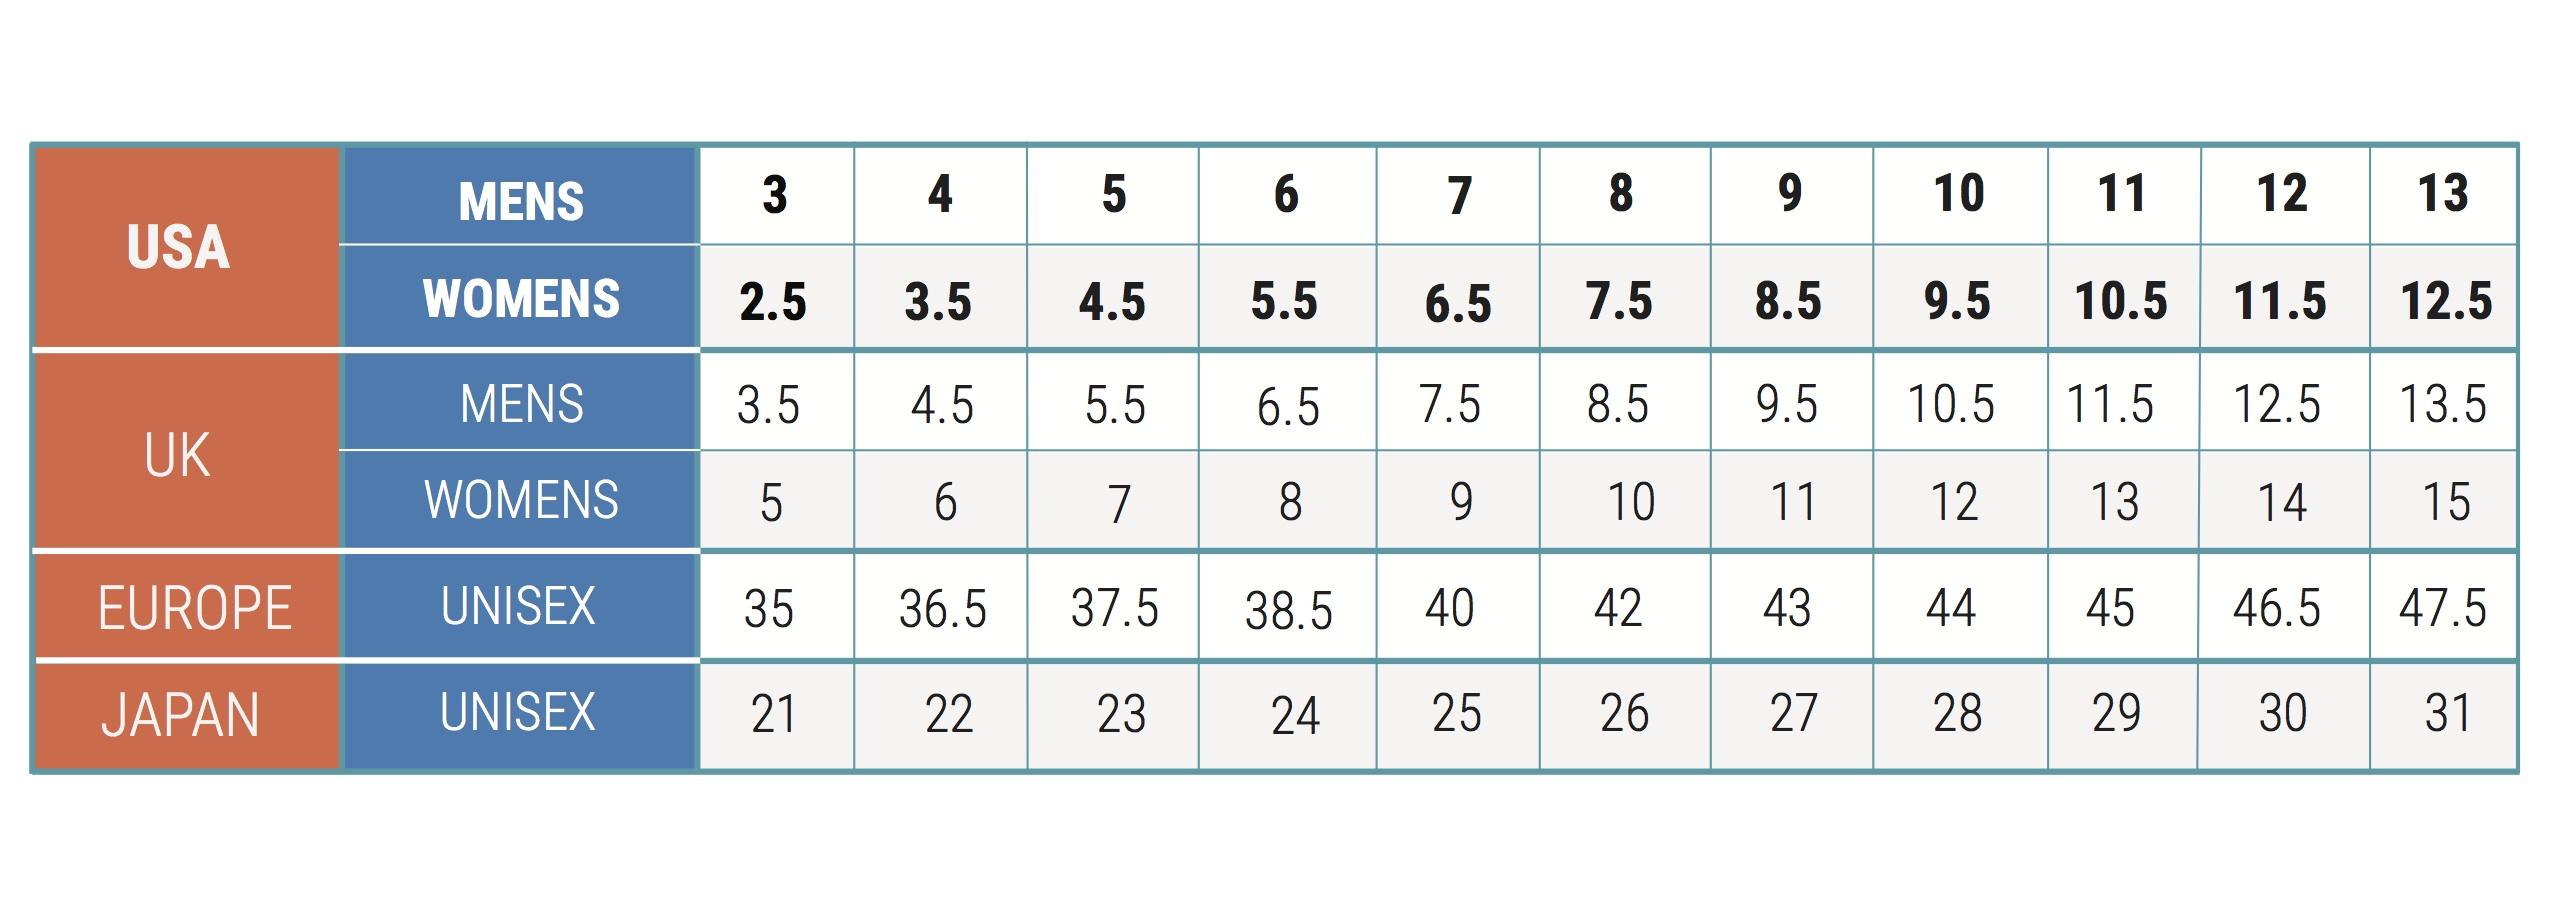 fwg-zhik-footwear-chart.jpg